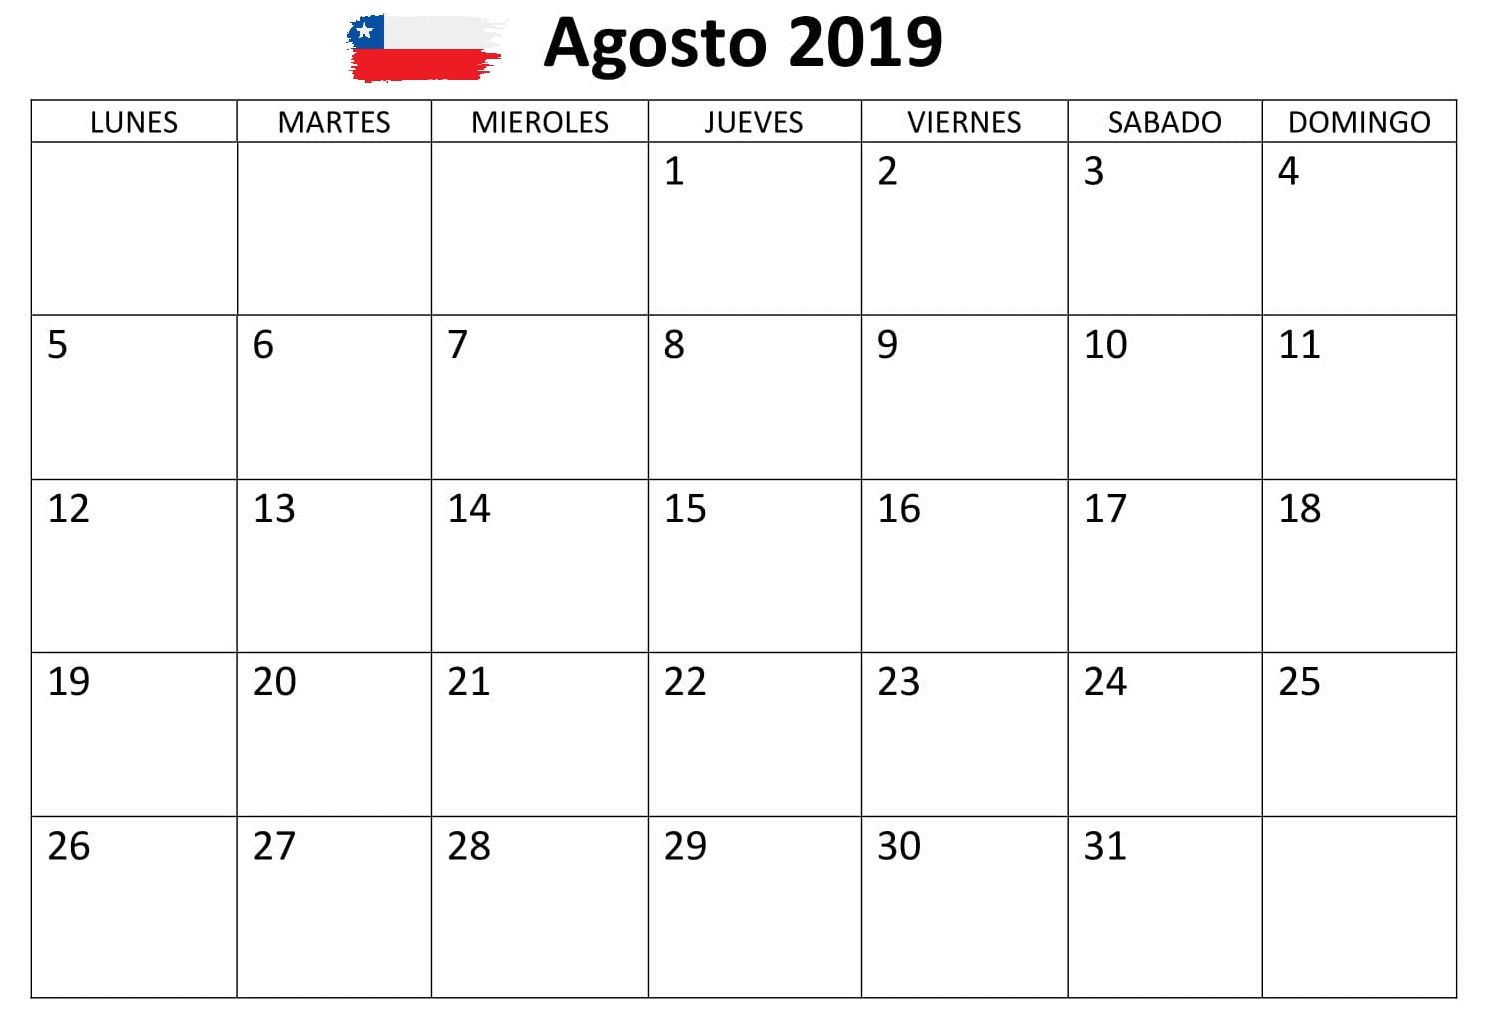 Calendario De Agosto 2019 Chile.Agosto Calendario Negocios 2019 Chile Cuadro Mensual